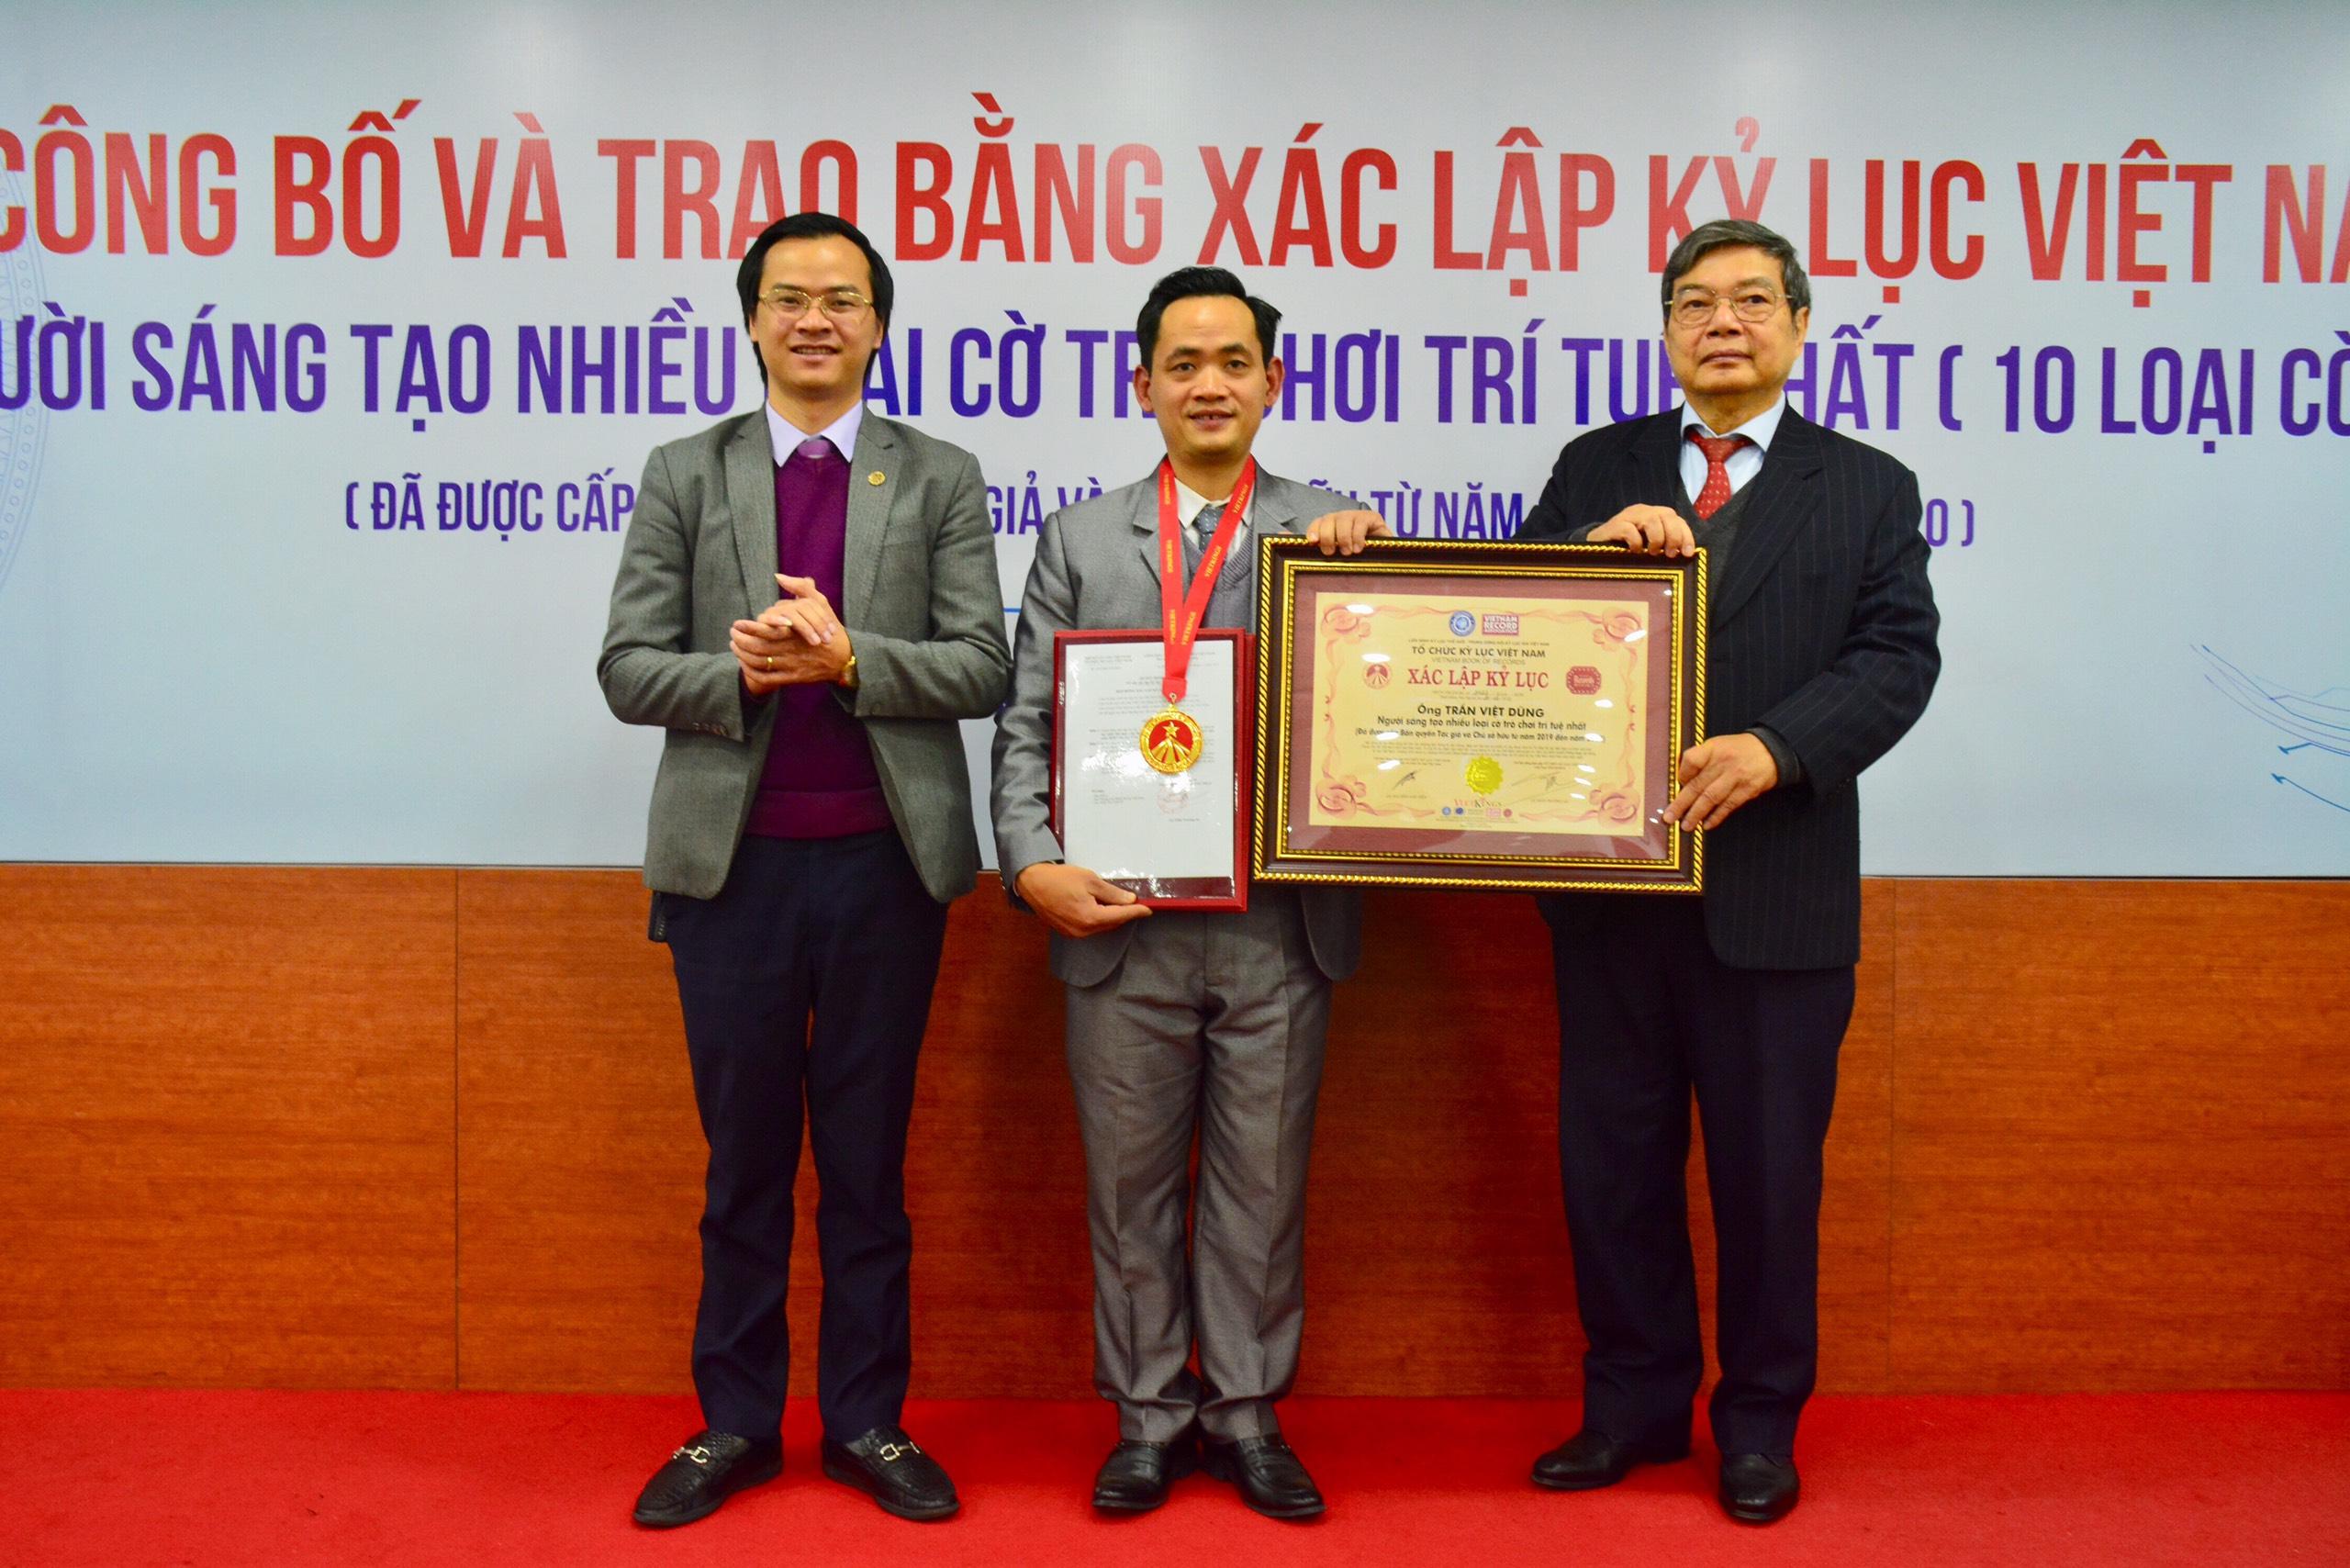 Ông Trần Việt Hùng - Nguyên Cục trưởng Cục Sở hữu trí tuệ Việt Nam, Thường trực Hội đồng Xác lập Kỷ lục Việt Nam trao bằng xác lập Kỷ lục đến ông Trần Việt Dũng